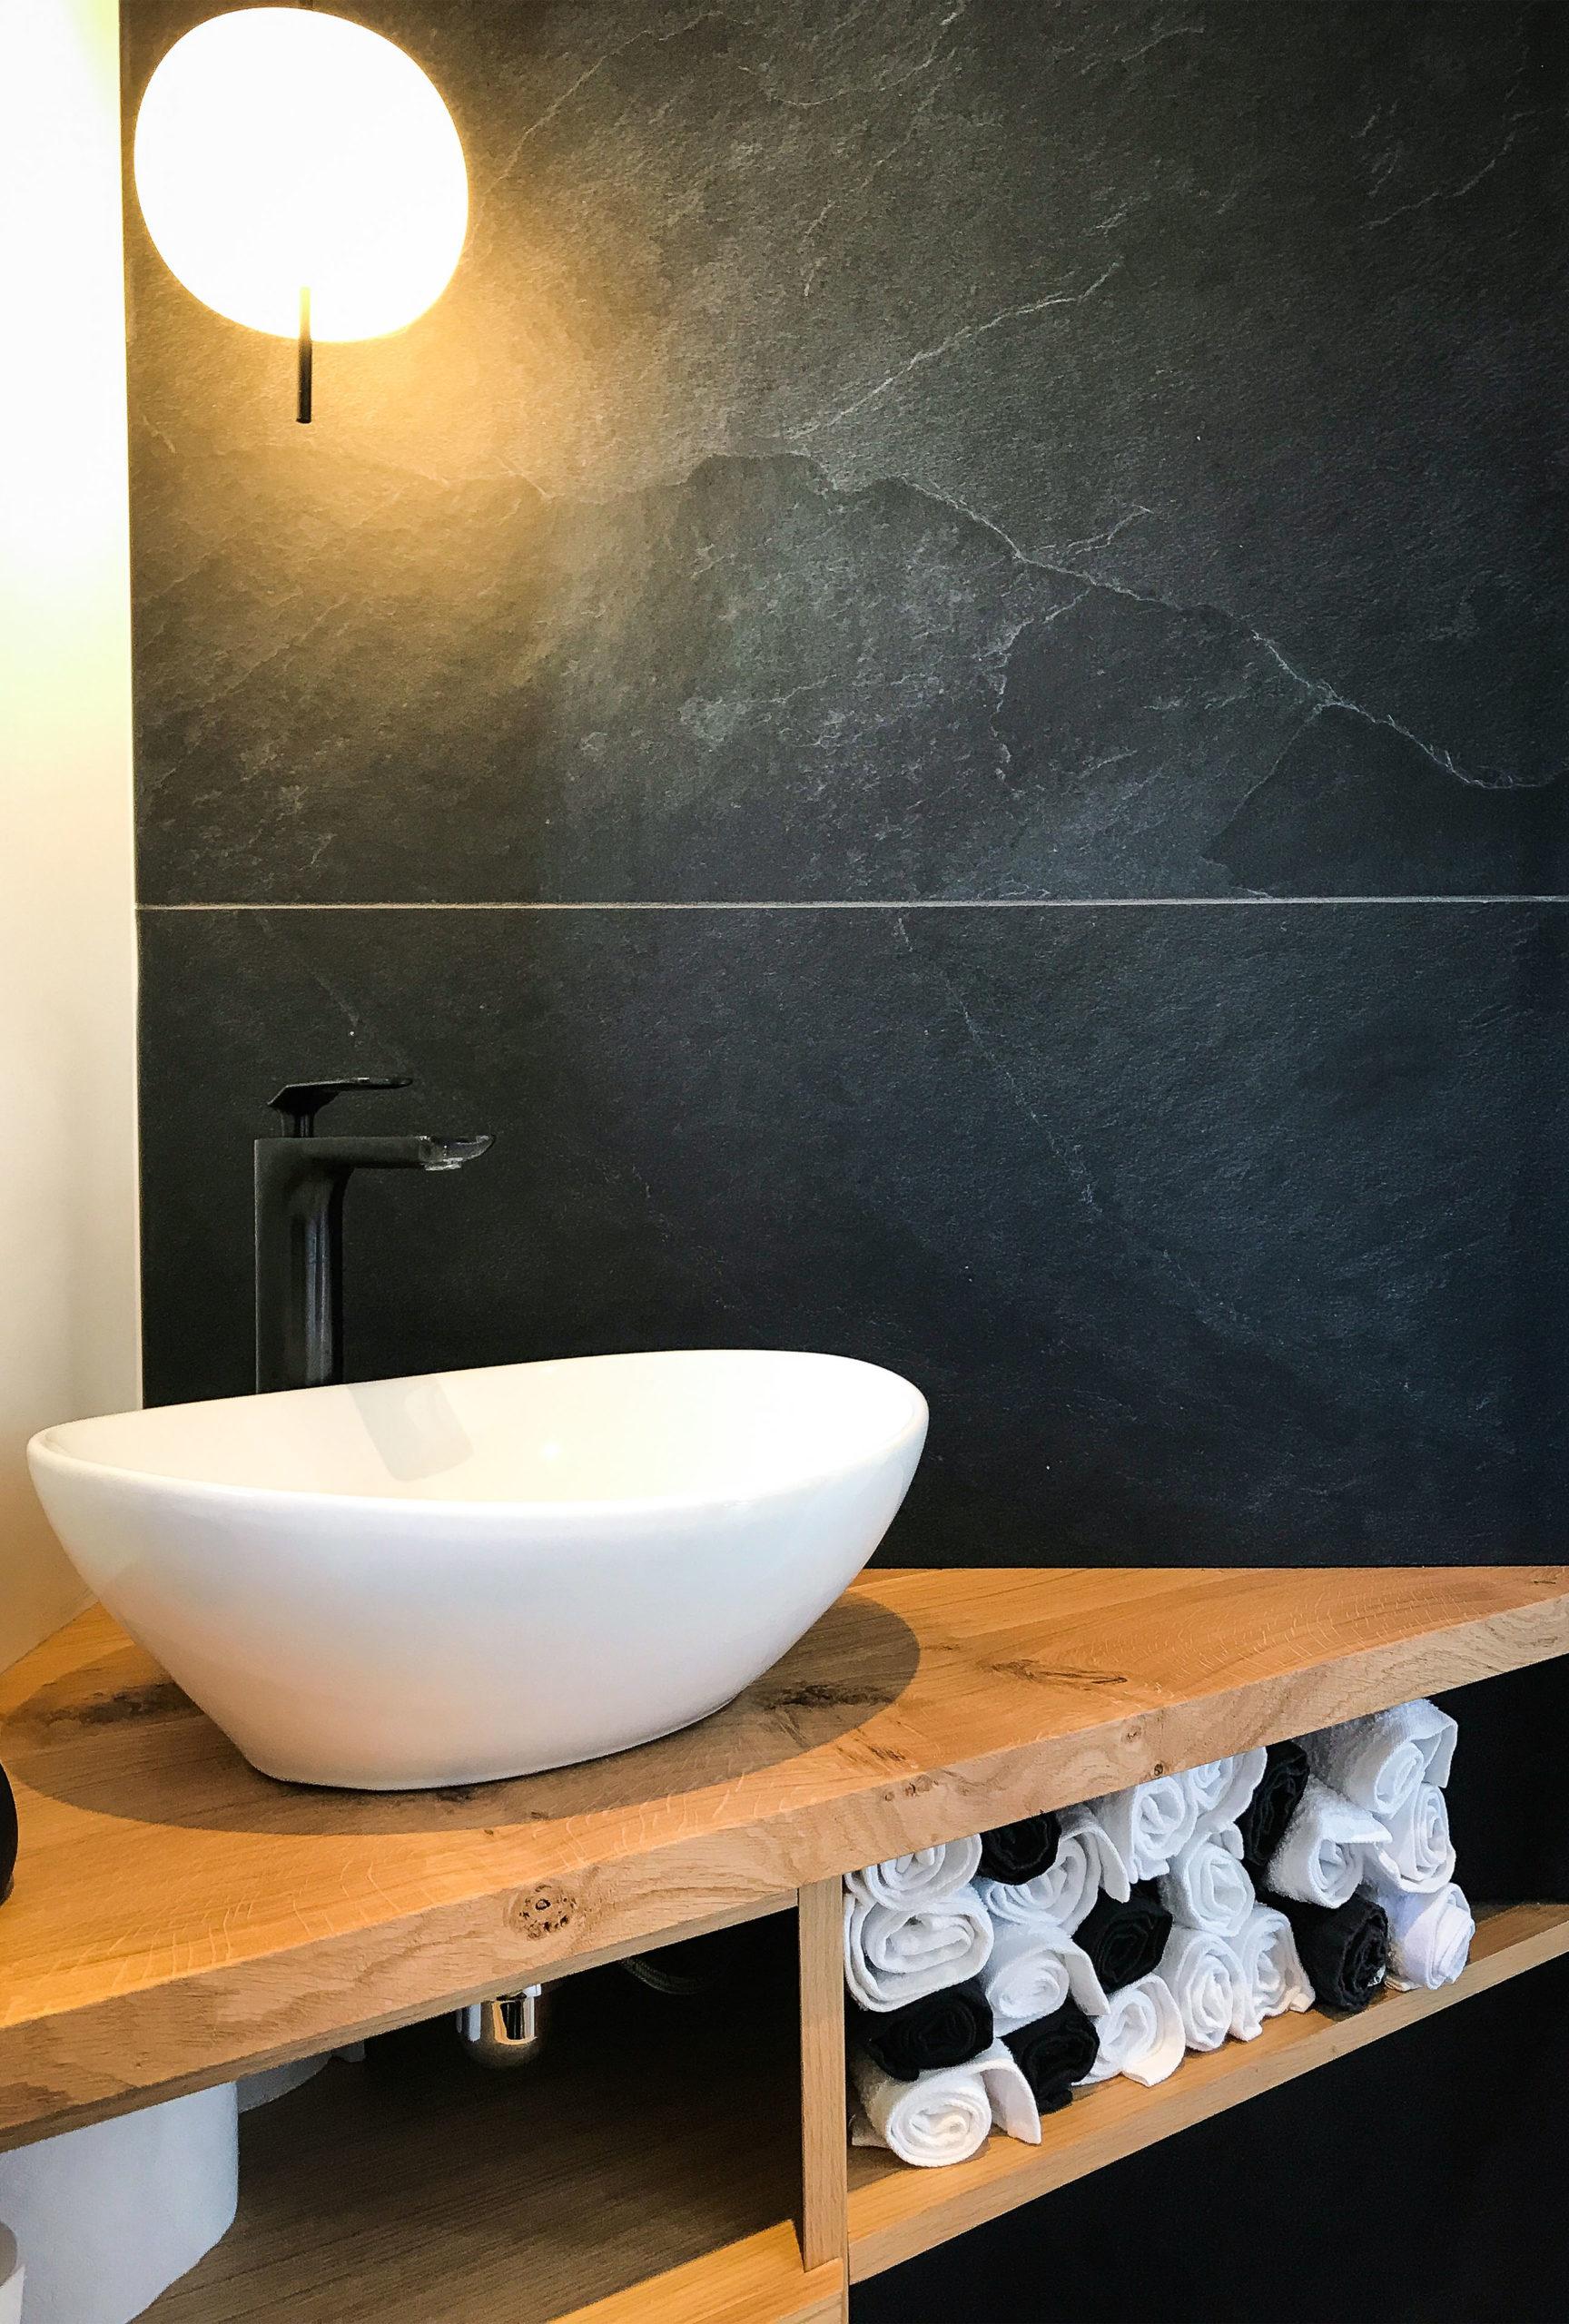 image salle de bain vasque renovation de haut vol LR Architectes